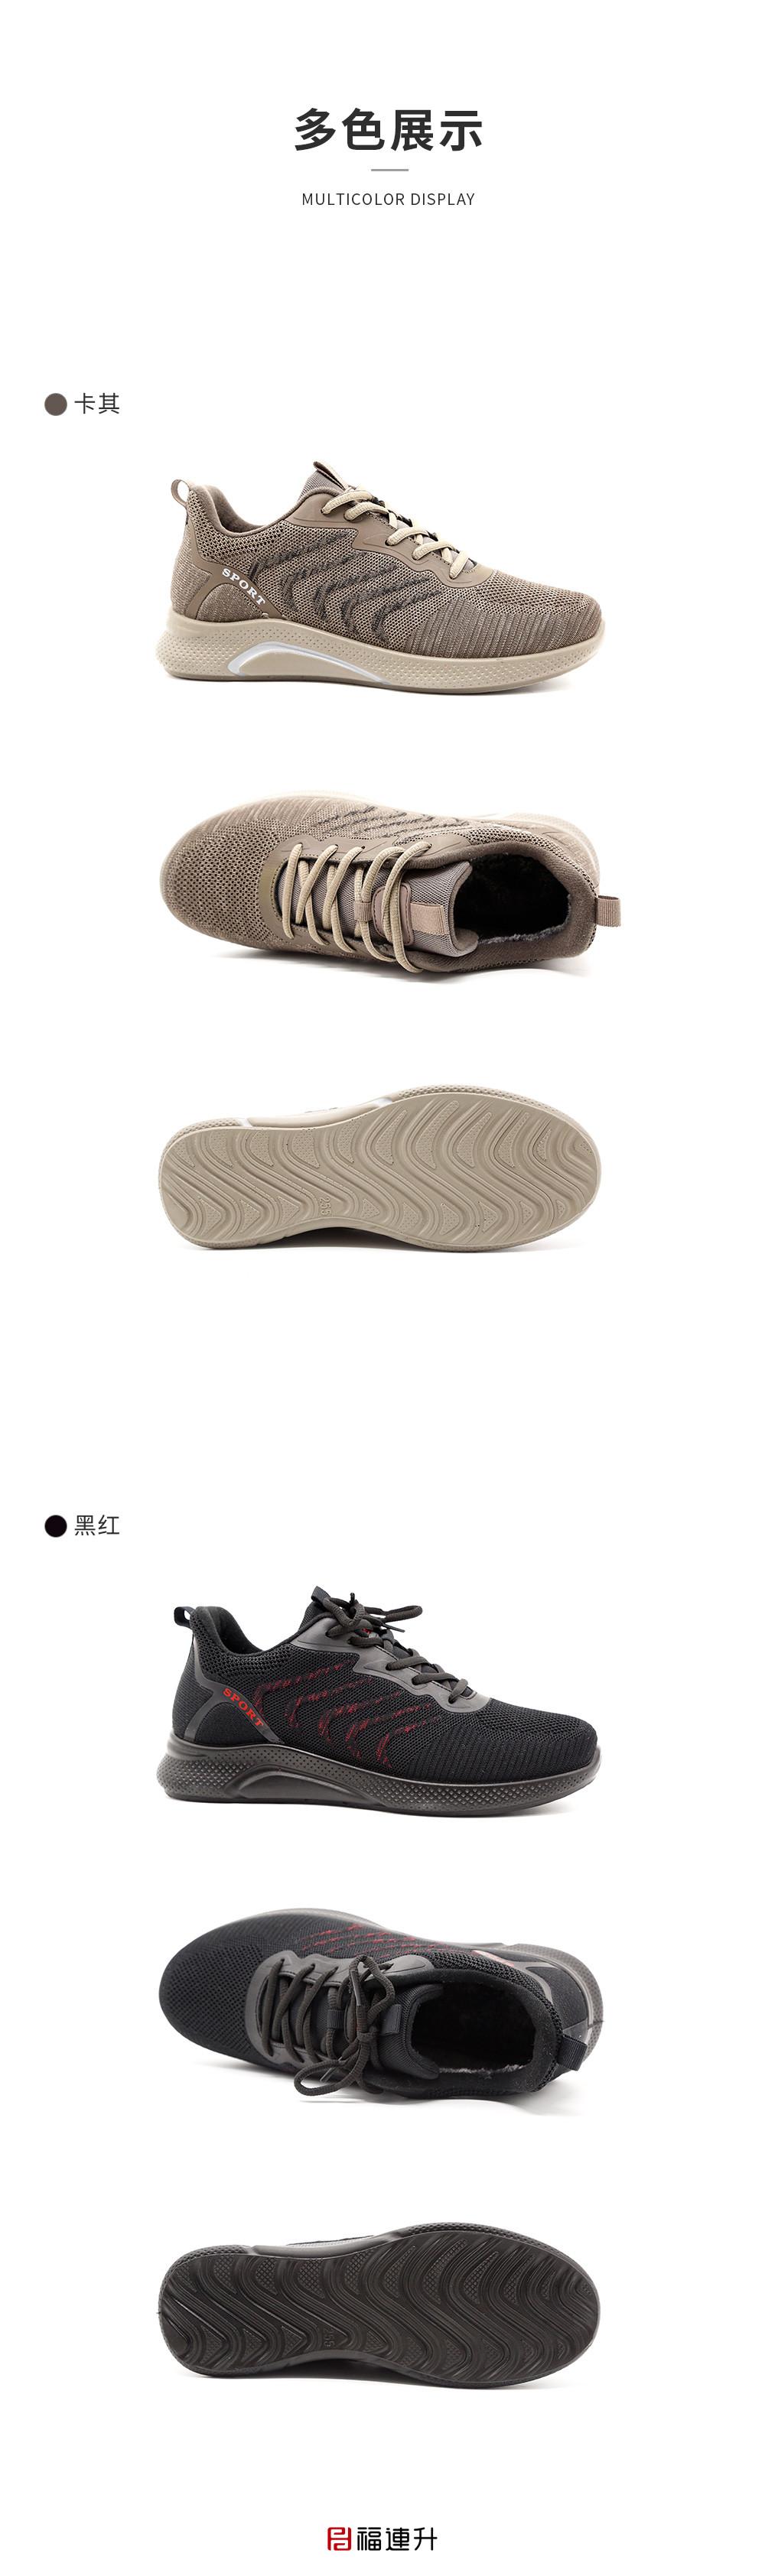 福连升品牌休闲鞋2020冬季新款男保暖舒适轻便漫步鞋图片